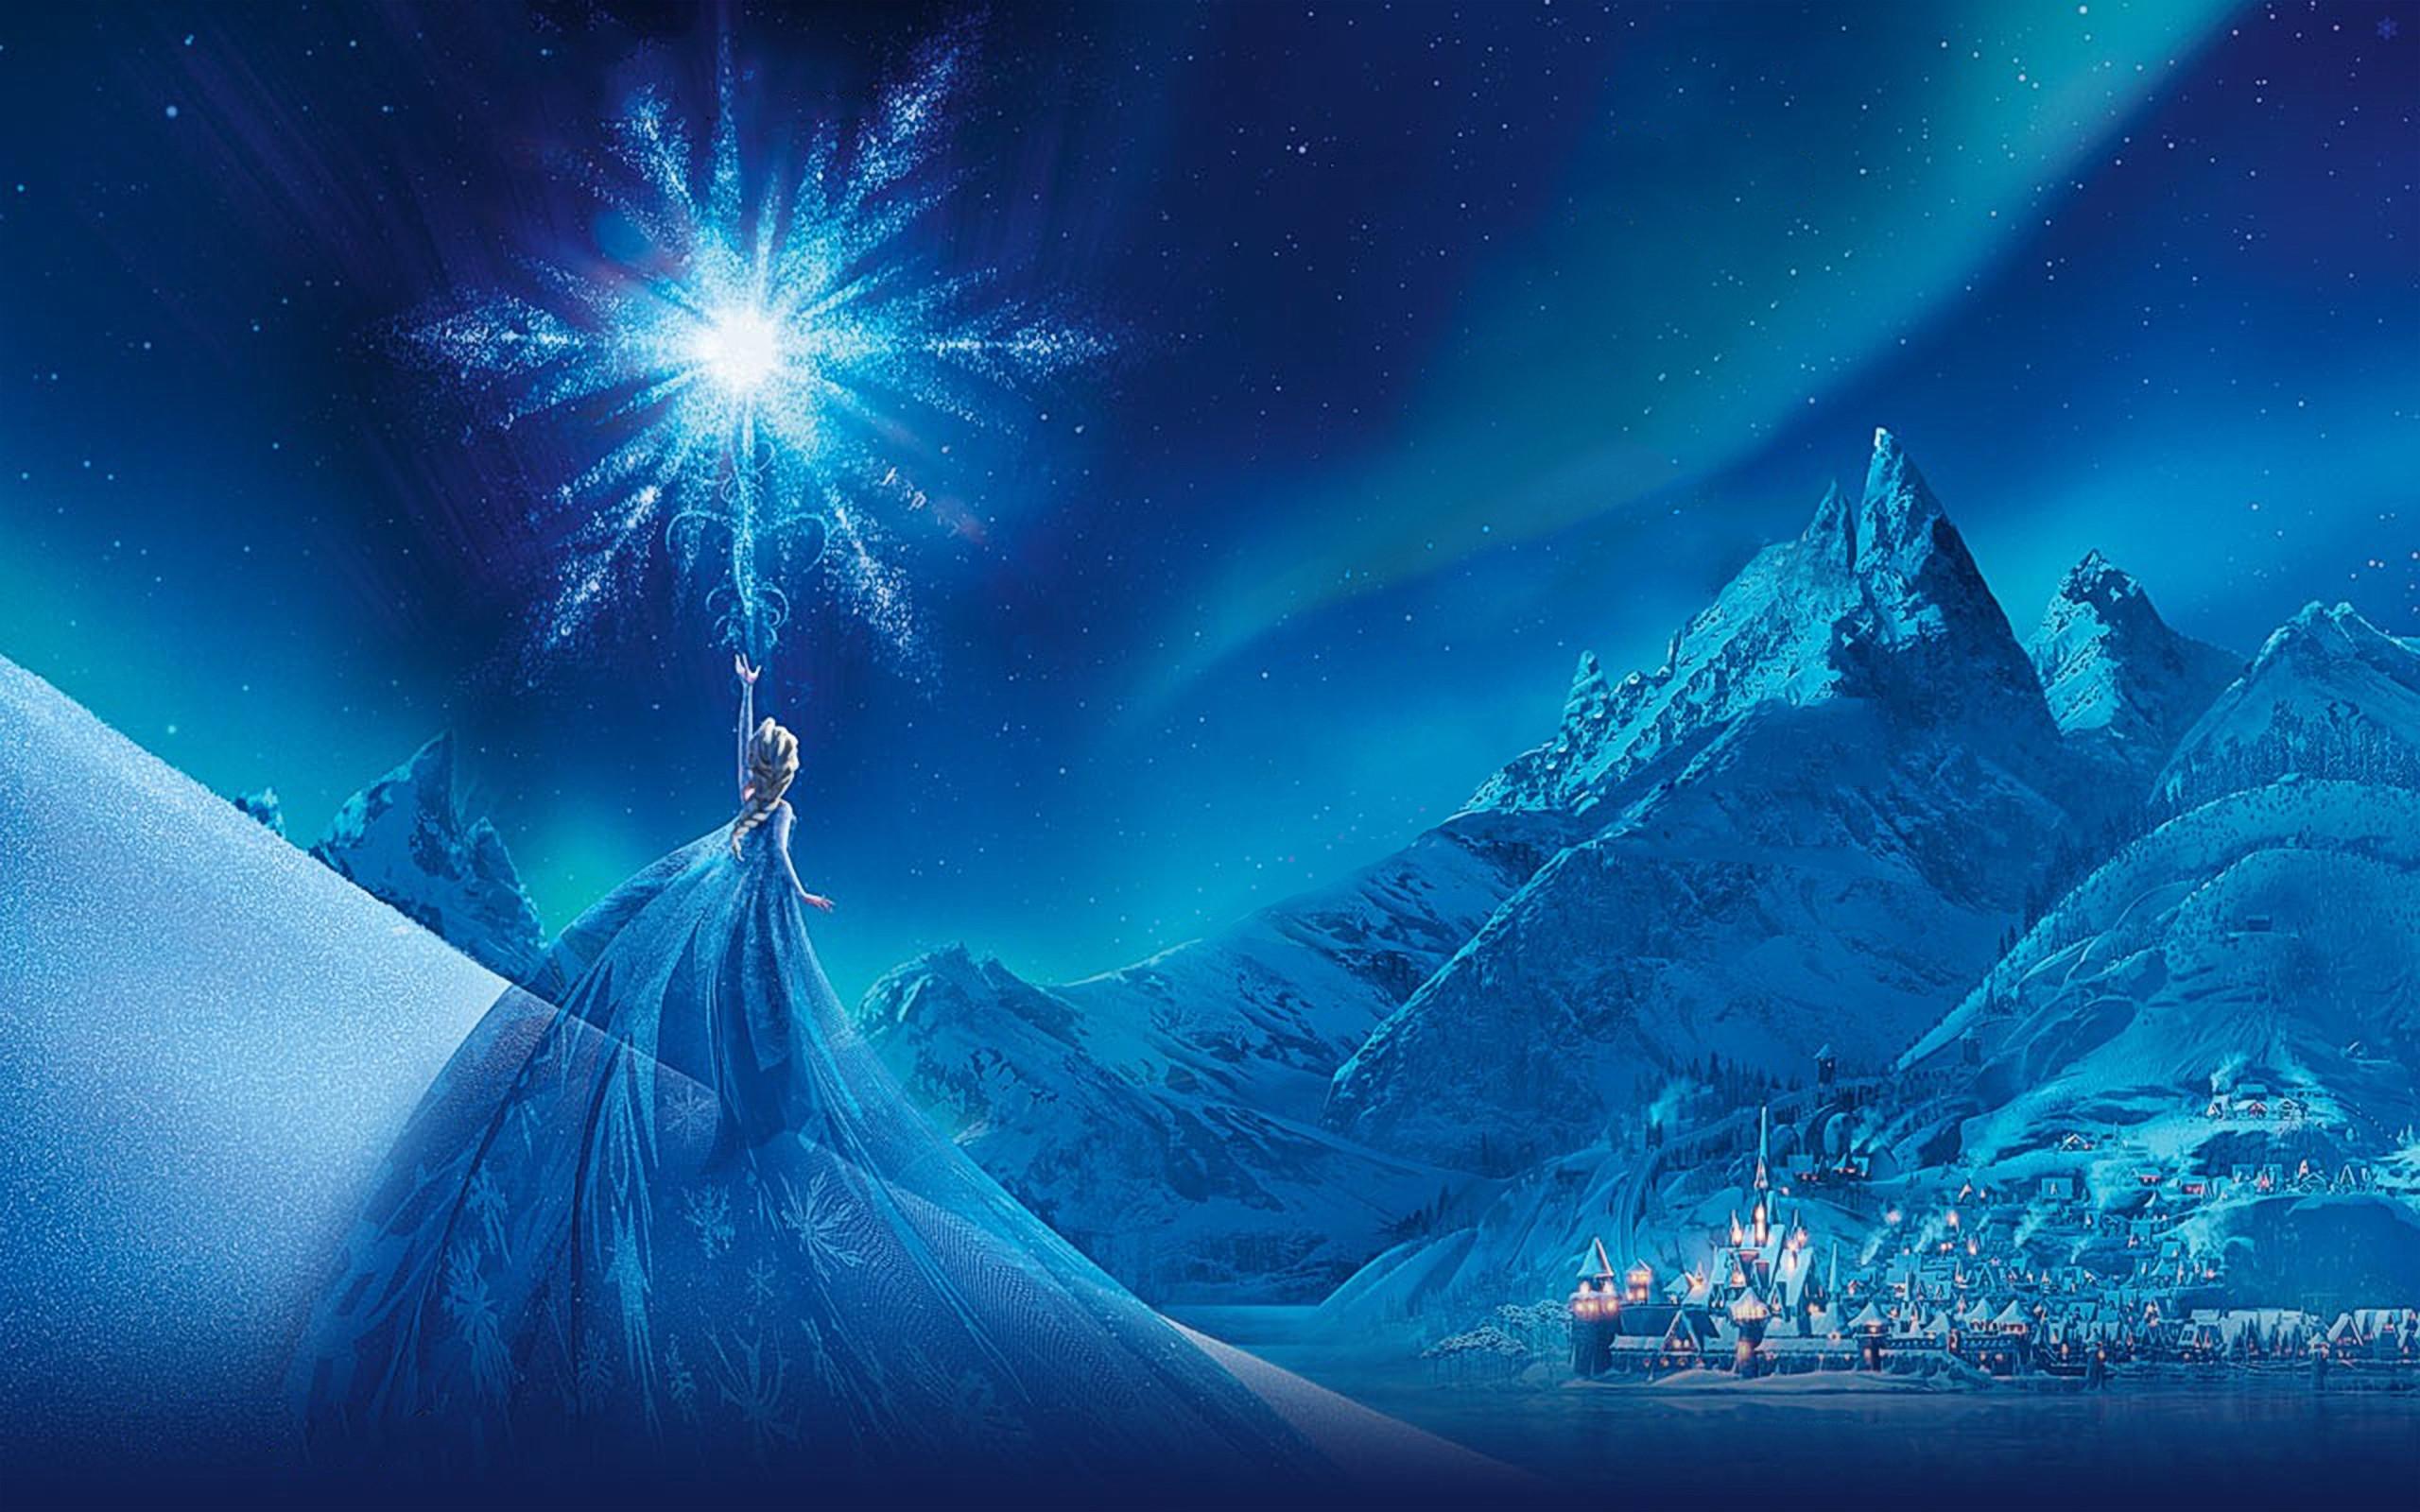 Elsa the Snow Queen Elsa wallpaper 2560x1600